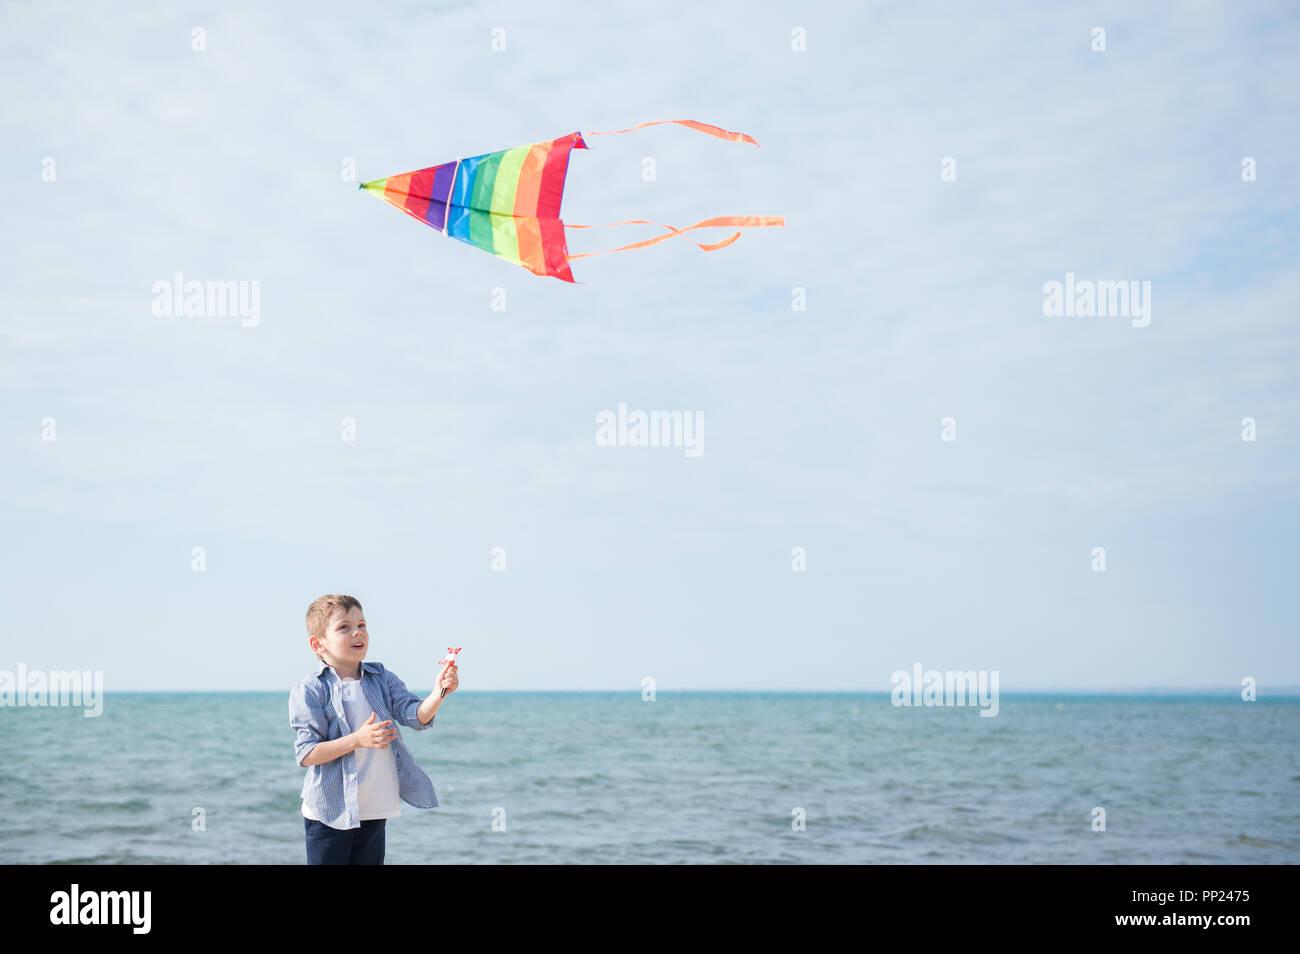 Poco feliz muchacho caucásico con la habilidad de volar cometas multicolores en el horizonte del mar antecedentes Foto de stock